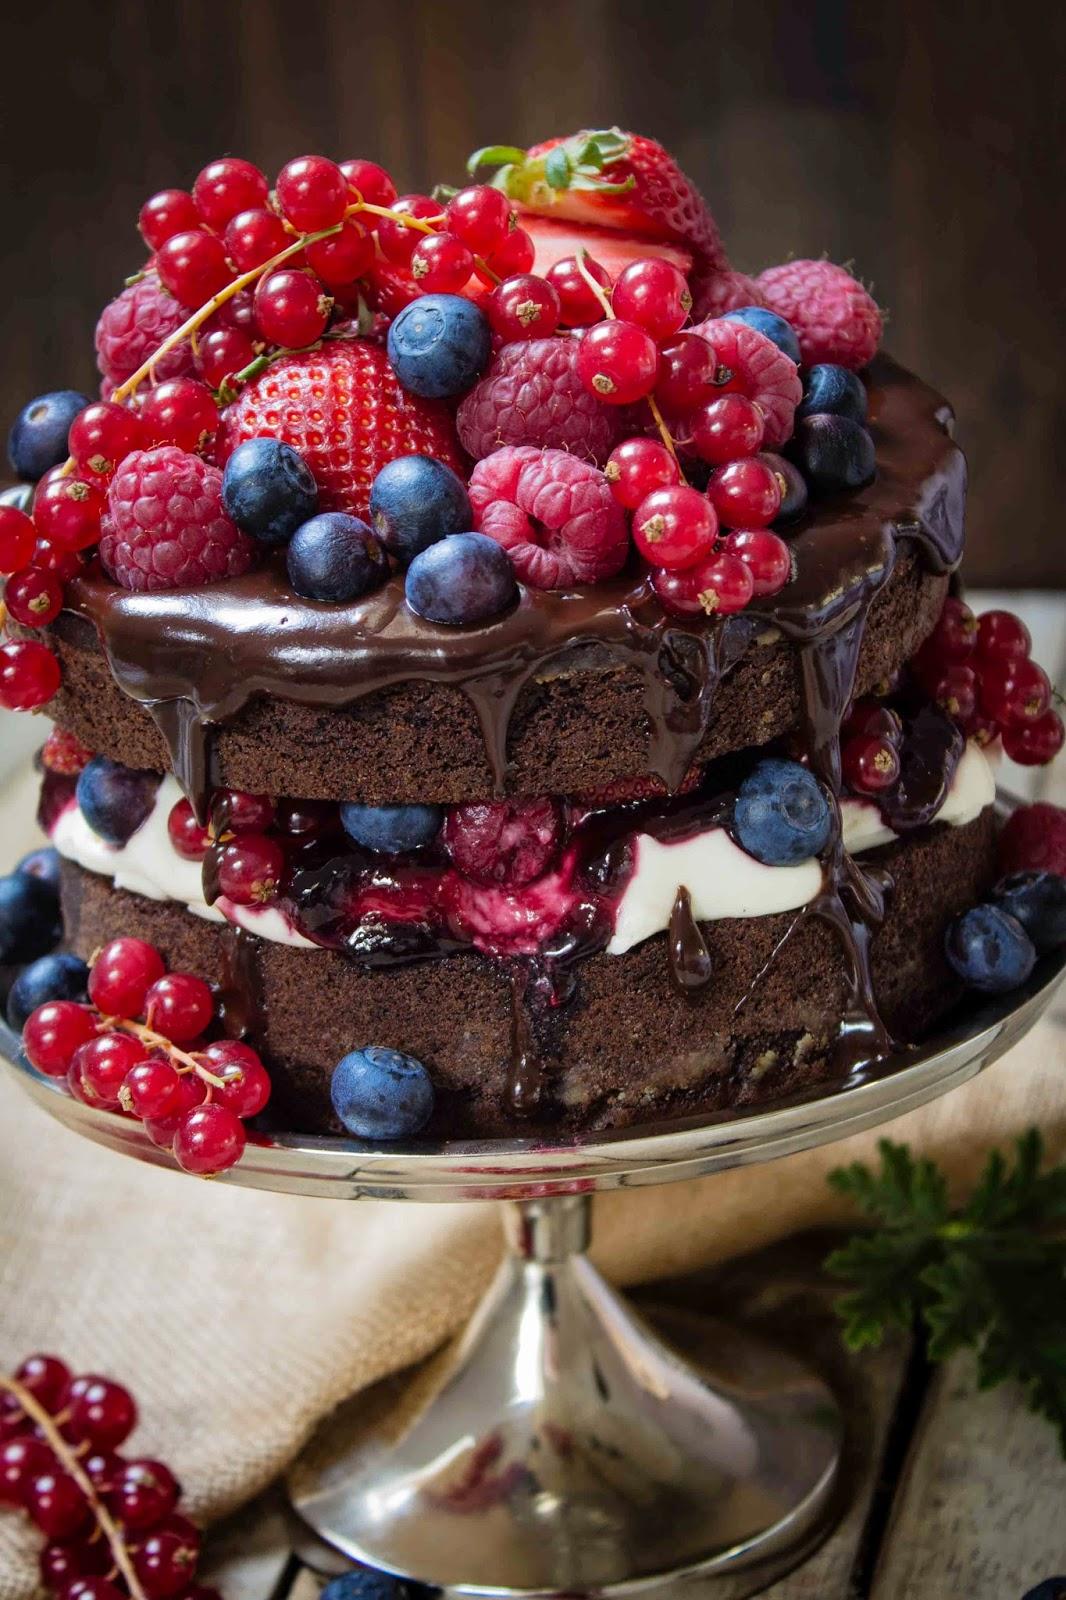 tarta-frutos-rojos-chocolate-mascarpone